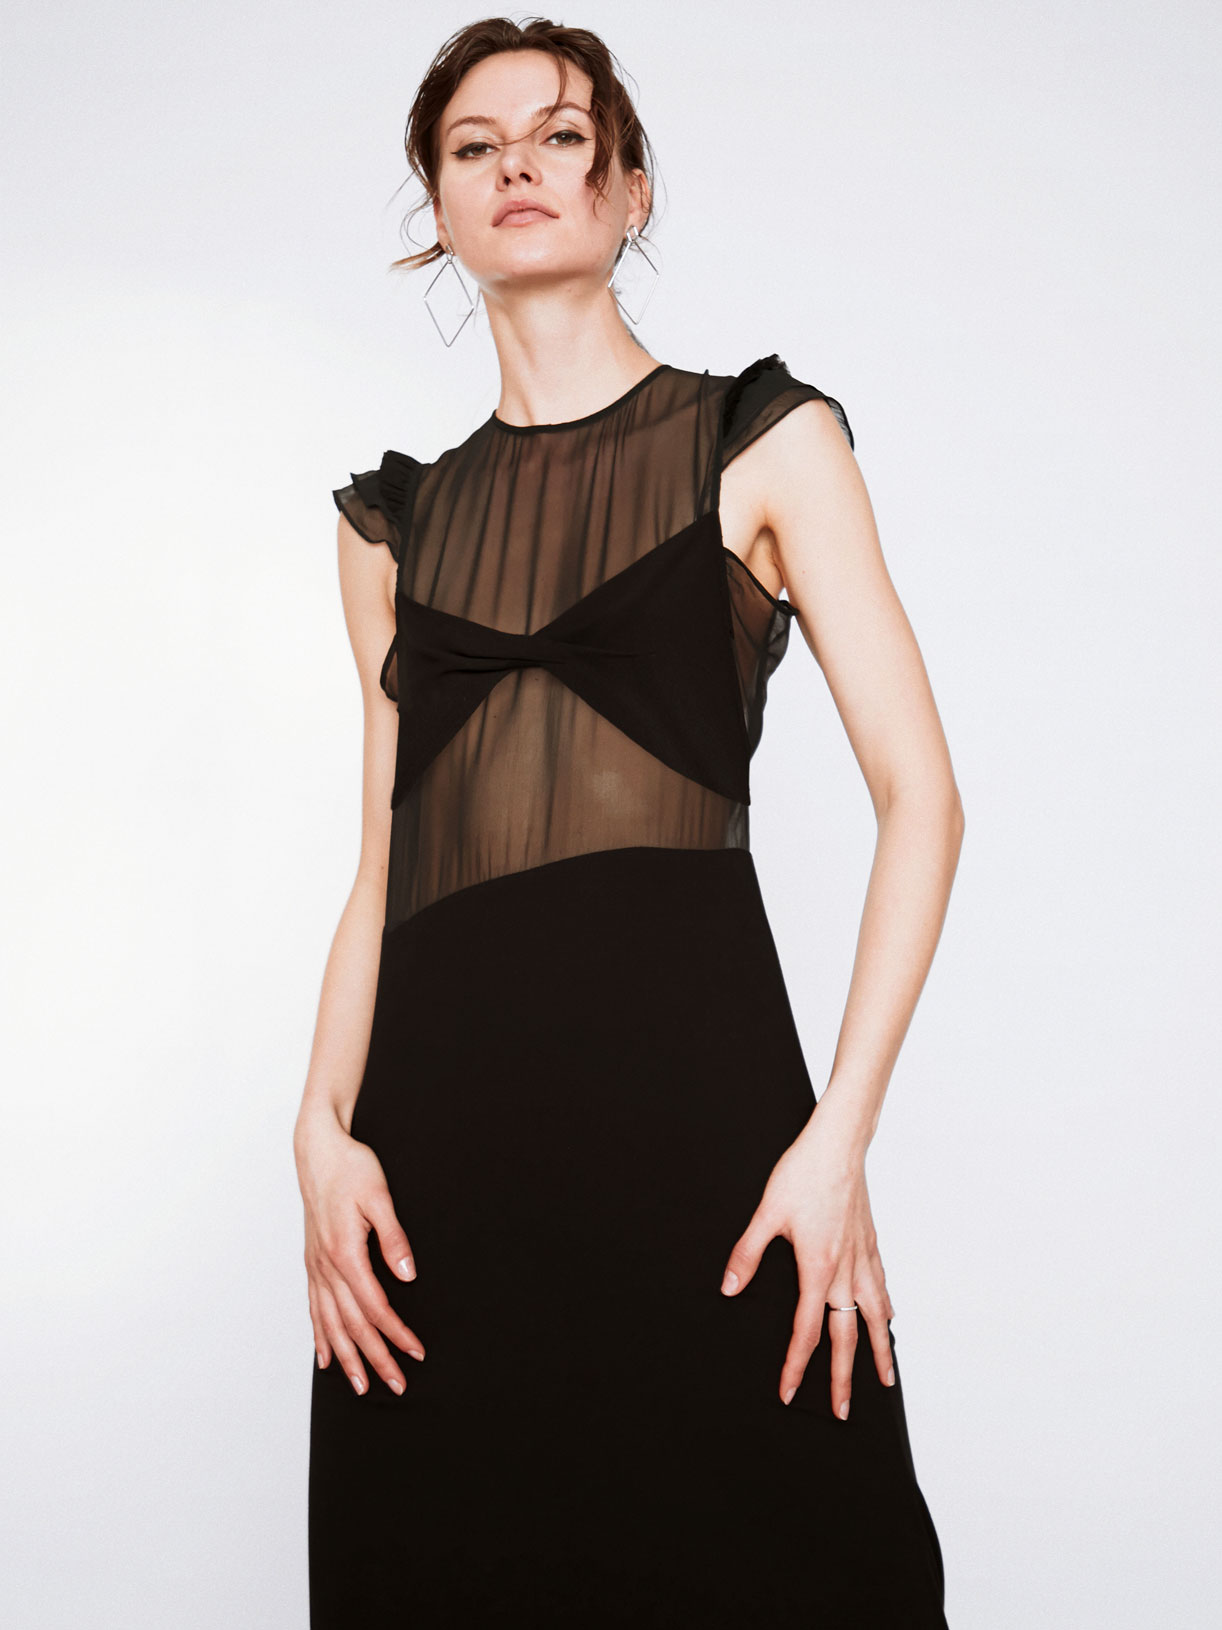 Robe de soirée sirène transparente noir créateur écoresponsable - Myphilosophy